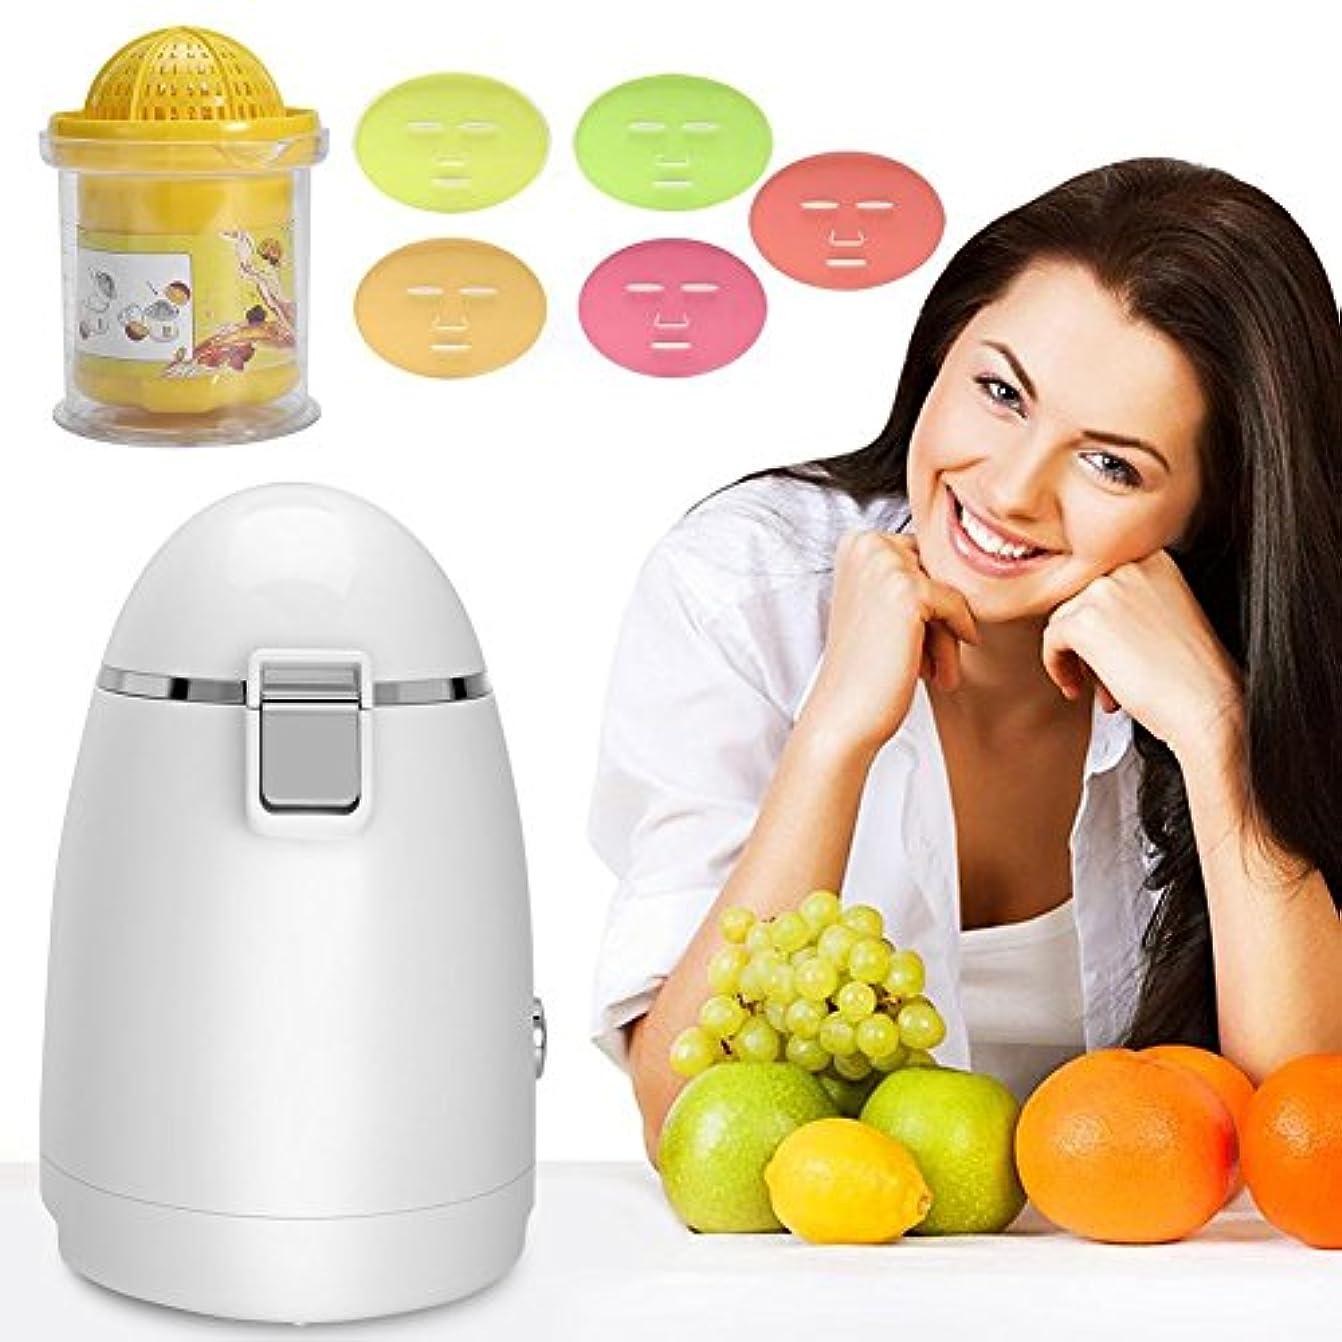 スライム小さな機転マスクマシン、ワンタッチスマートDIYの果物や野菜ナチュラルと有機スキンマスクの製造は、12カウントコラーゲンシート